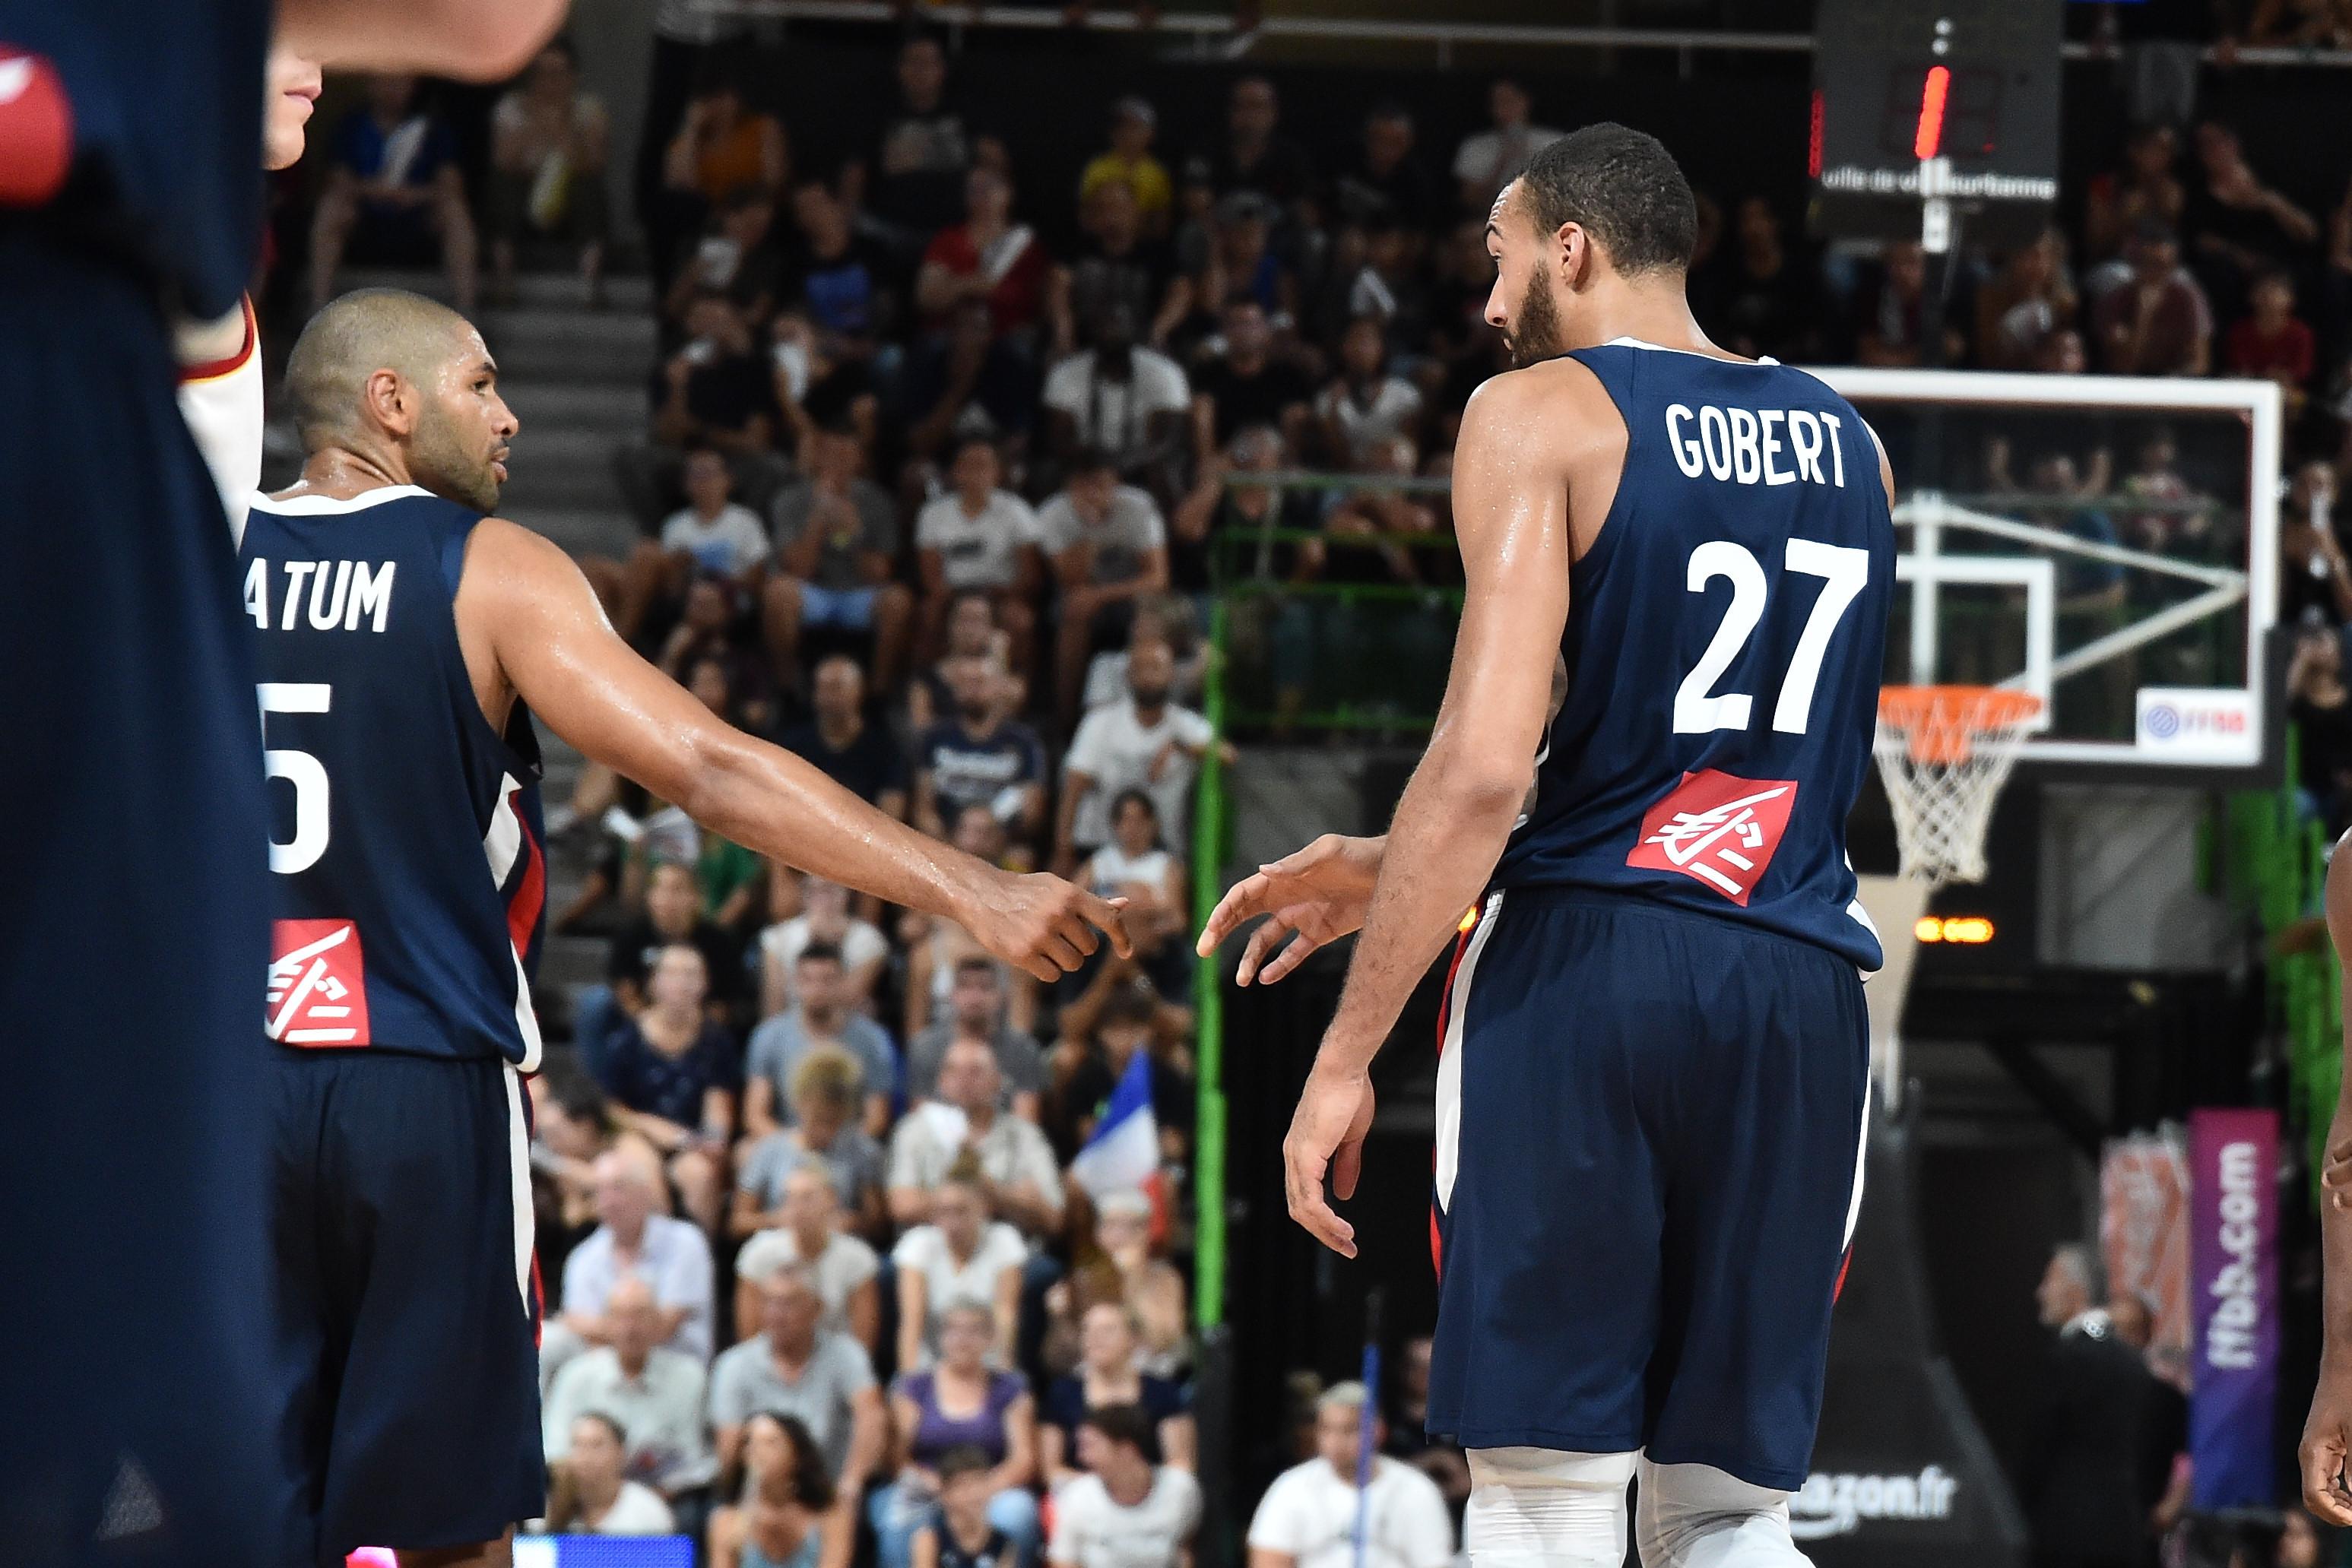 Basket - Equipe de France - Têtes de Bleus : les joueurs du groupe France en images